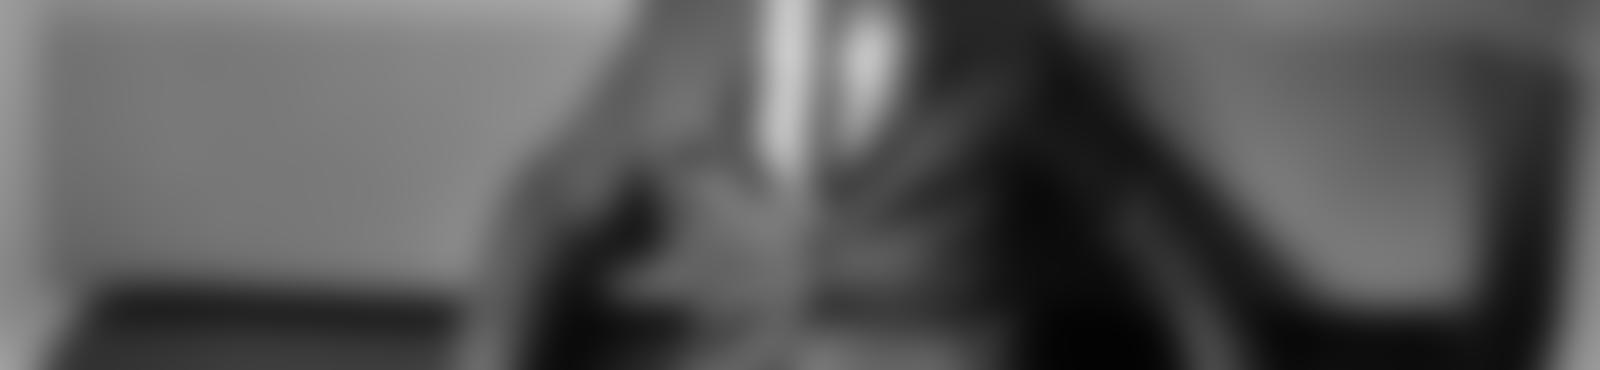 Blurred 6bb95323 f696 442a 887c 17c4b7b51a07